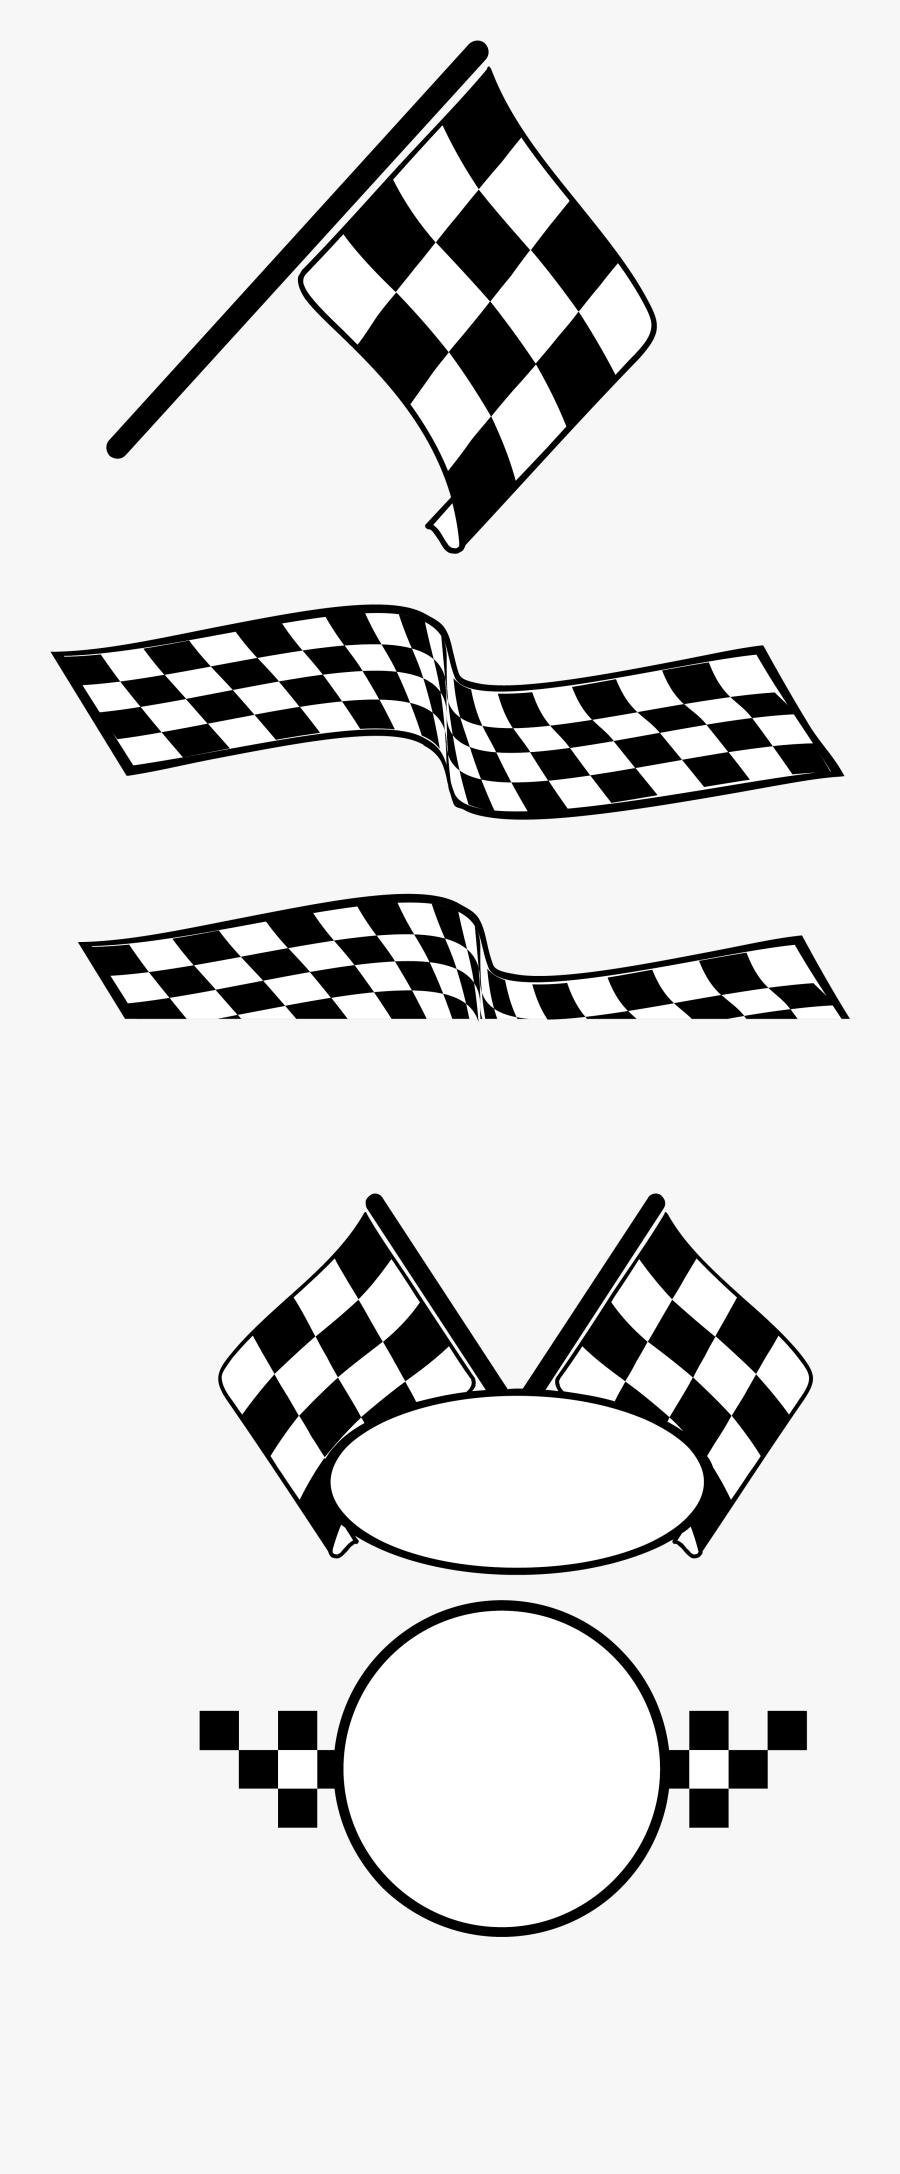 Auto Racing Racing Flags - Racing Flag, Transparent Clipart